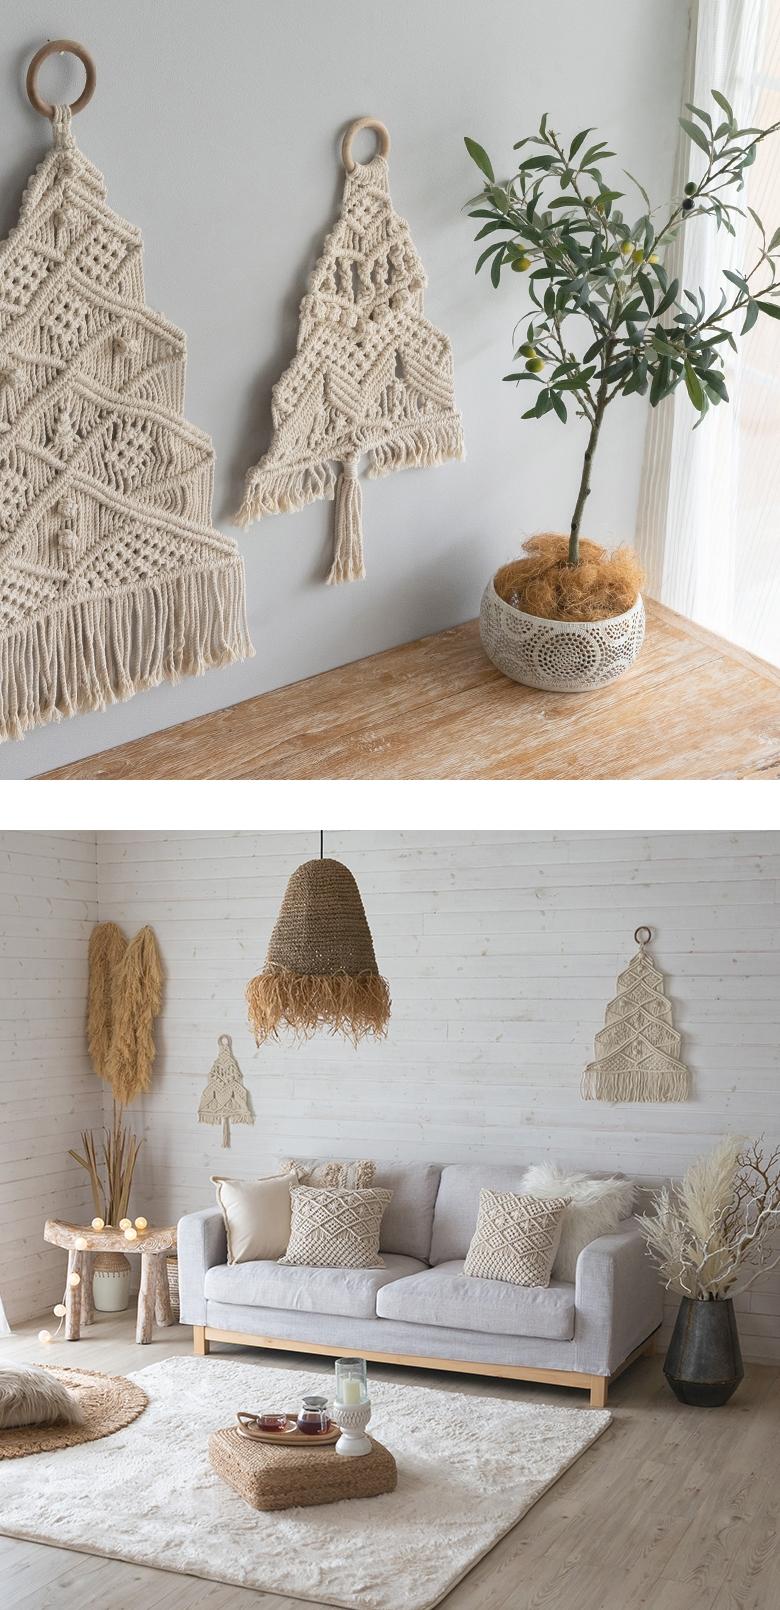 何かもの足りない壁に飾れば立体感をプラスしてくれます